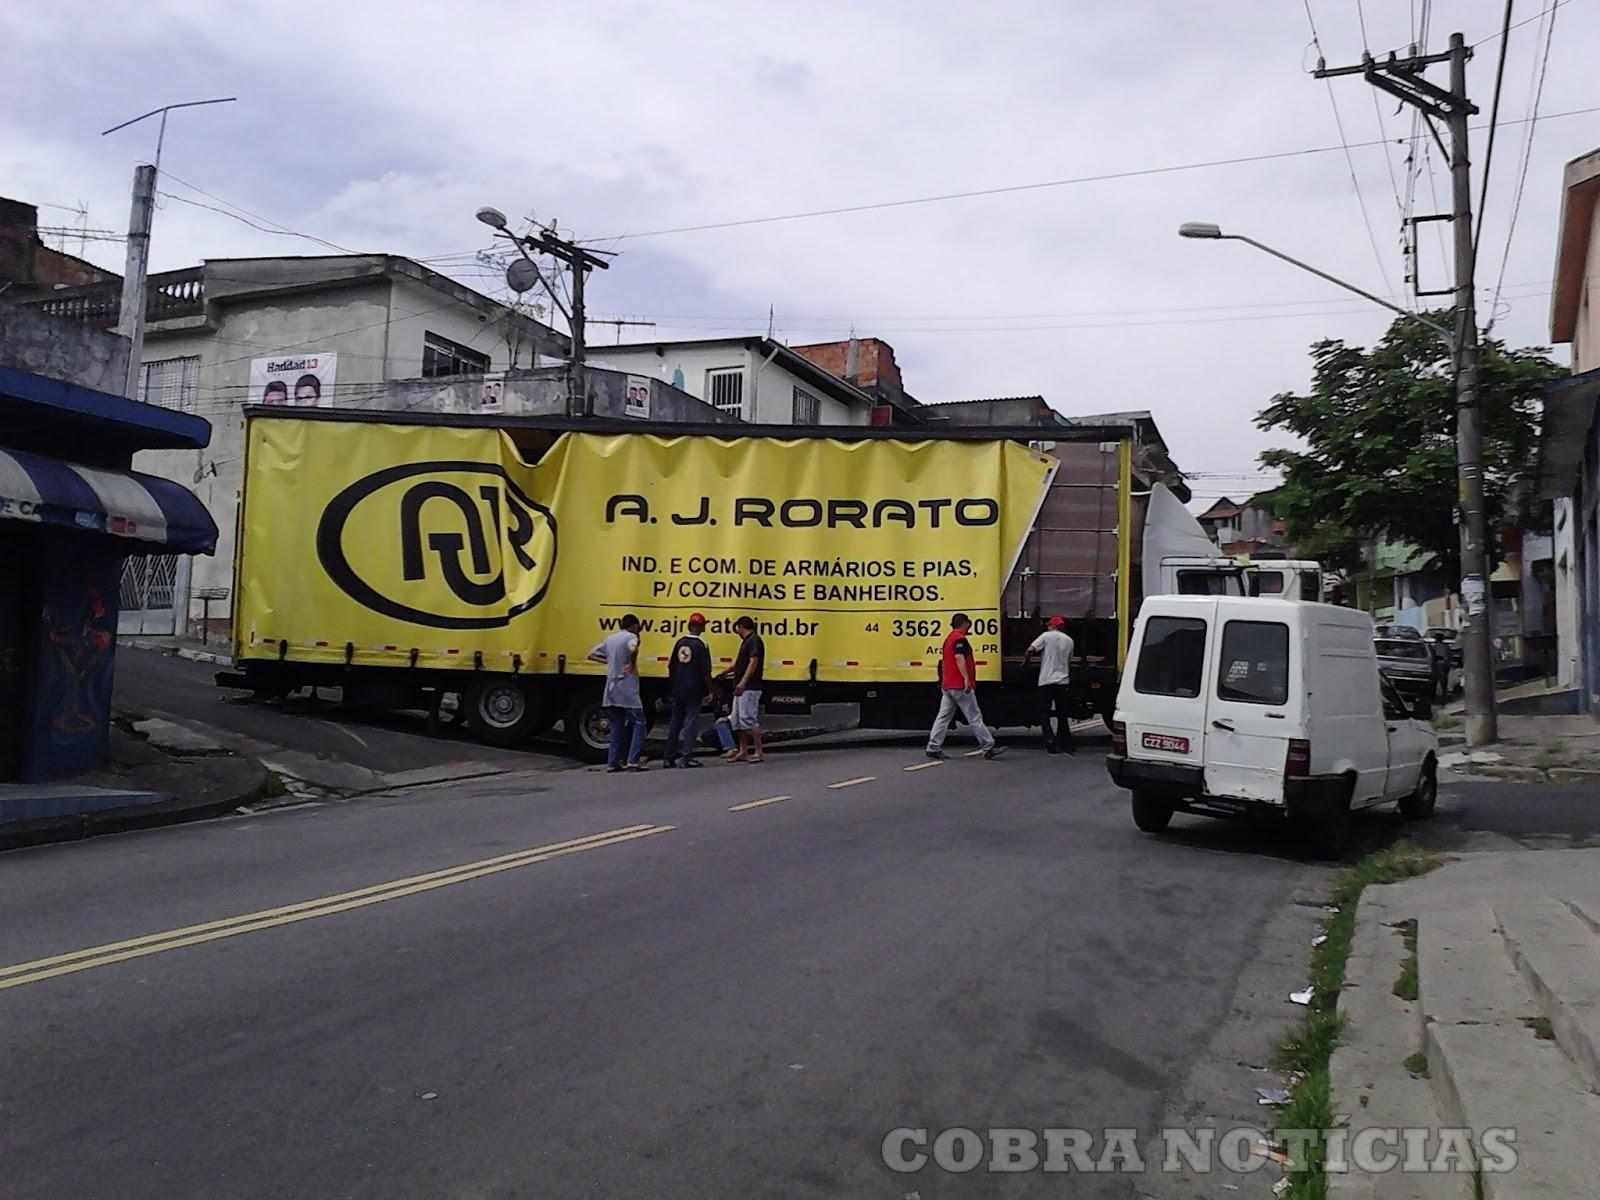 COBRA NOTÍCIAS: Matéria sobre um Caminhão que atravancou a Rua Rio  #90863B 1600x1200 Armario Banheiro Rorato